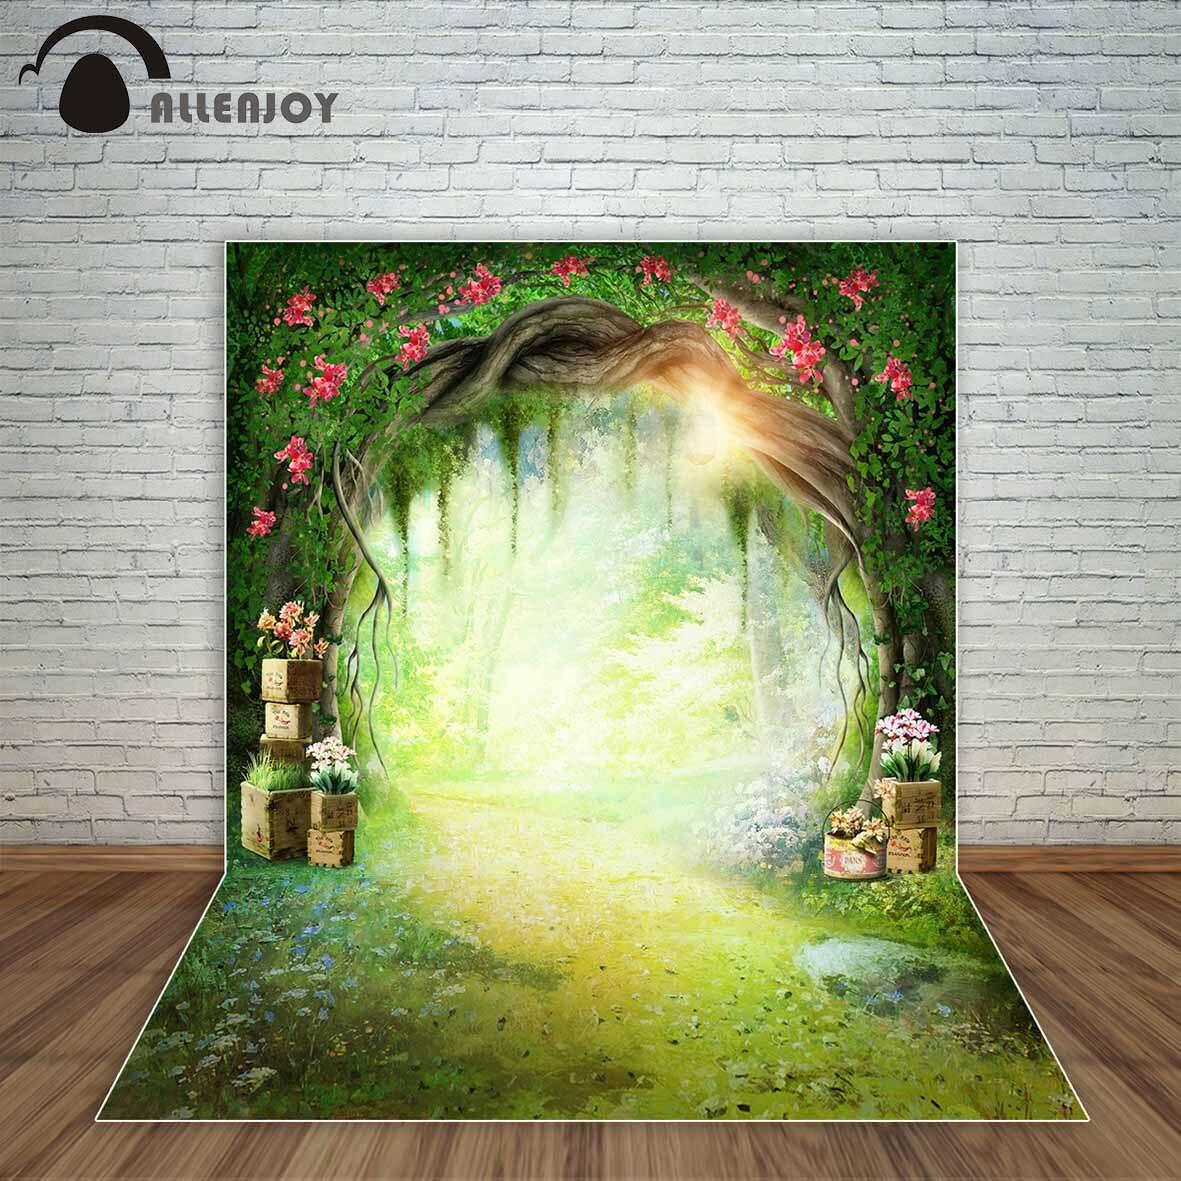 Allenjoy printemps toile de fond grotte soleil fleurs chemin pays des merveilles fond pour enfants fée conte fonds décorations parti